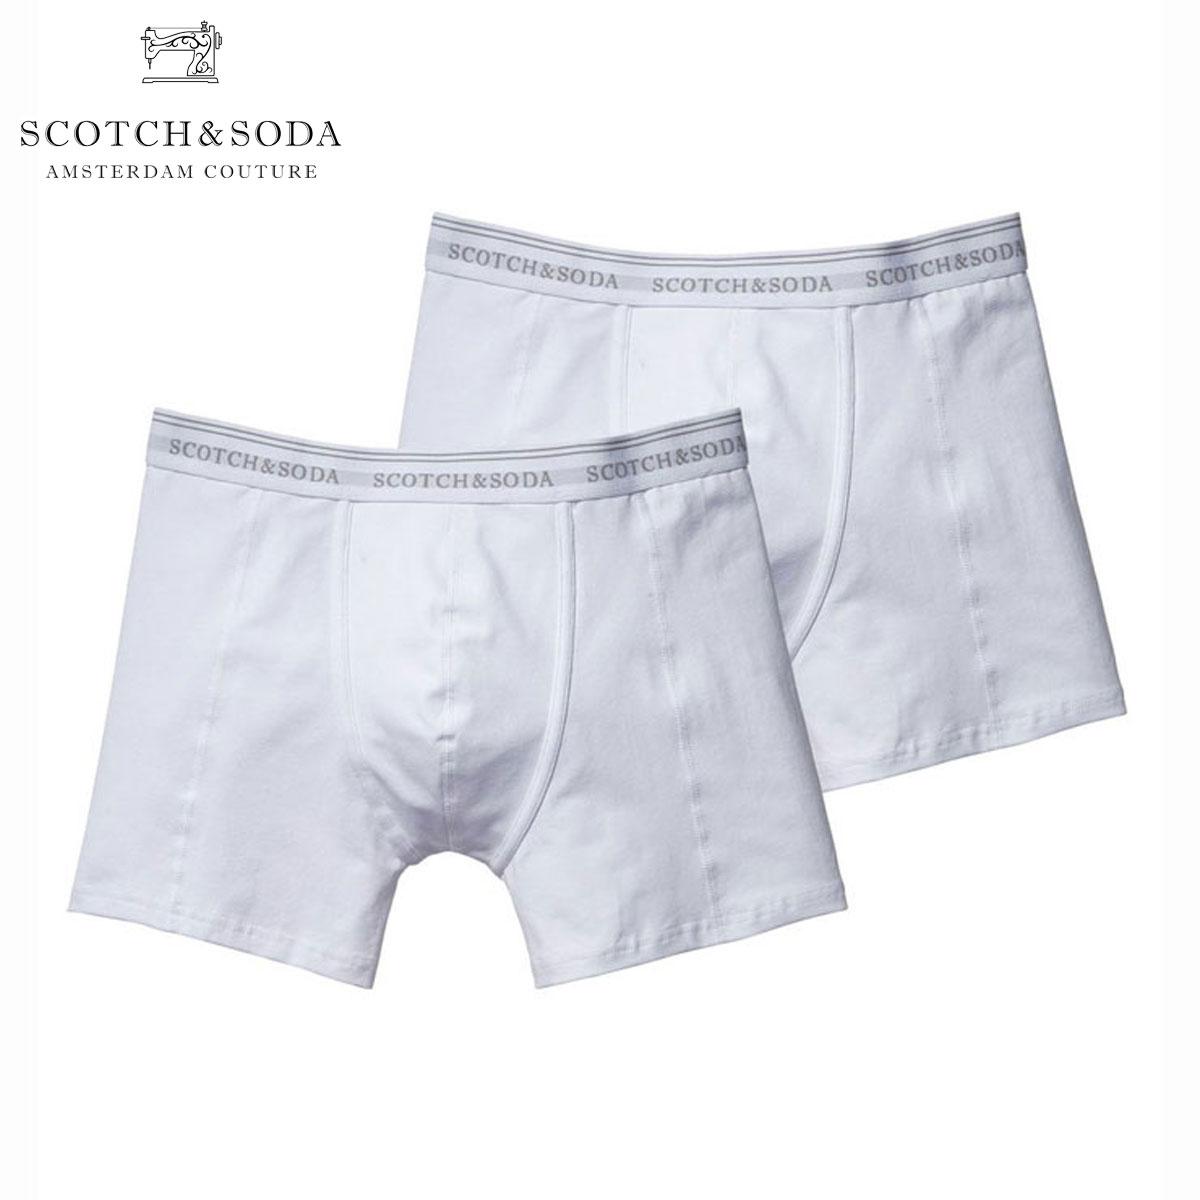 スコッチアンドソーダ SCOTCH&SODA 正規販売店 メンズ ボクサーパンツ BOXERSHORT, SOLD IN 2-PACK 124904 A DESSINA A39B B1C C7D D2E E01F